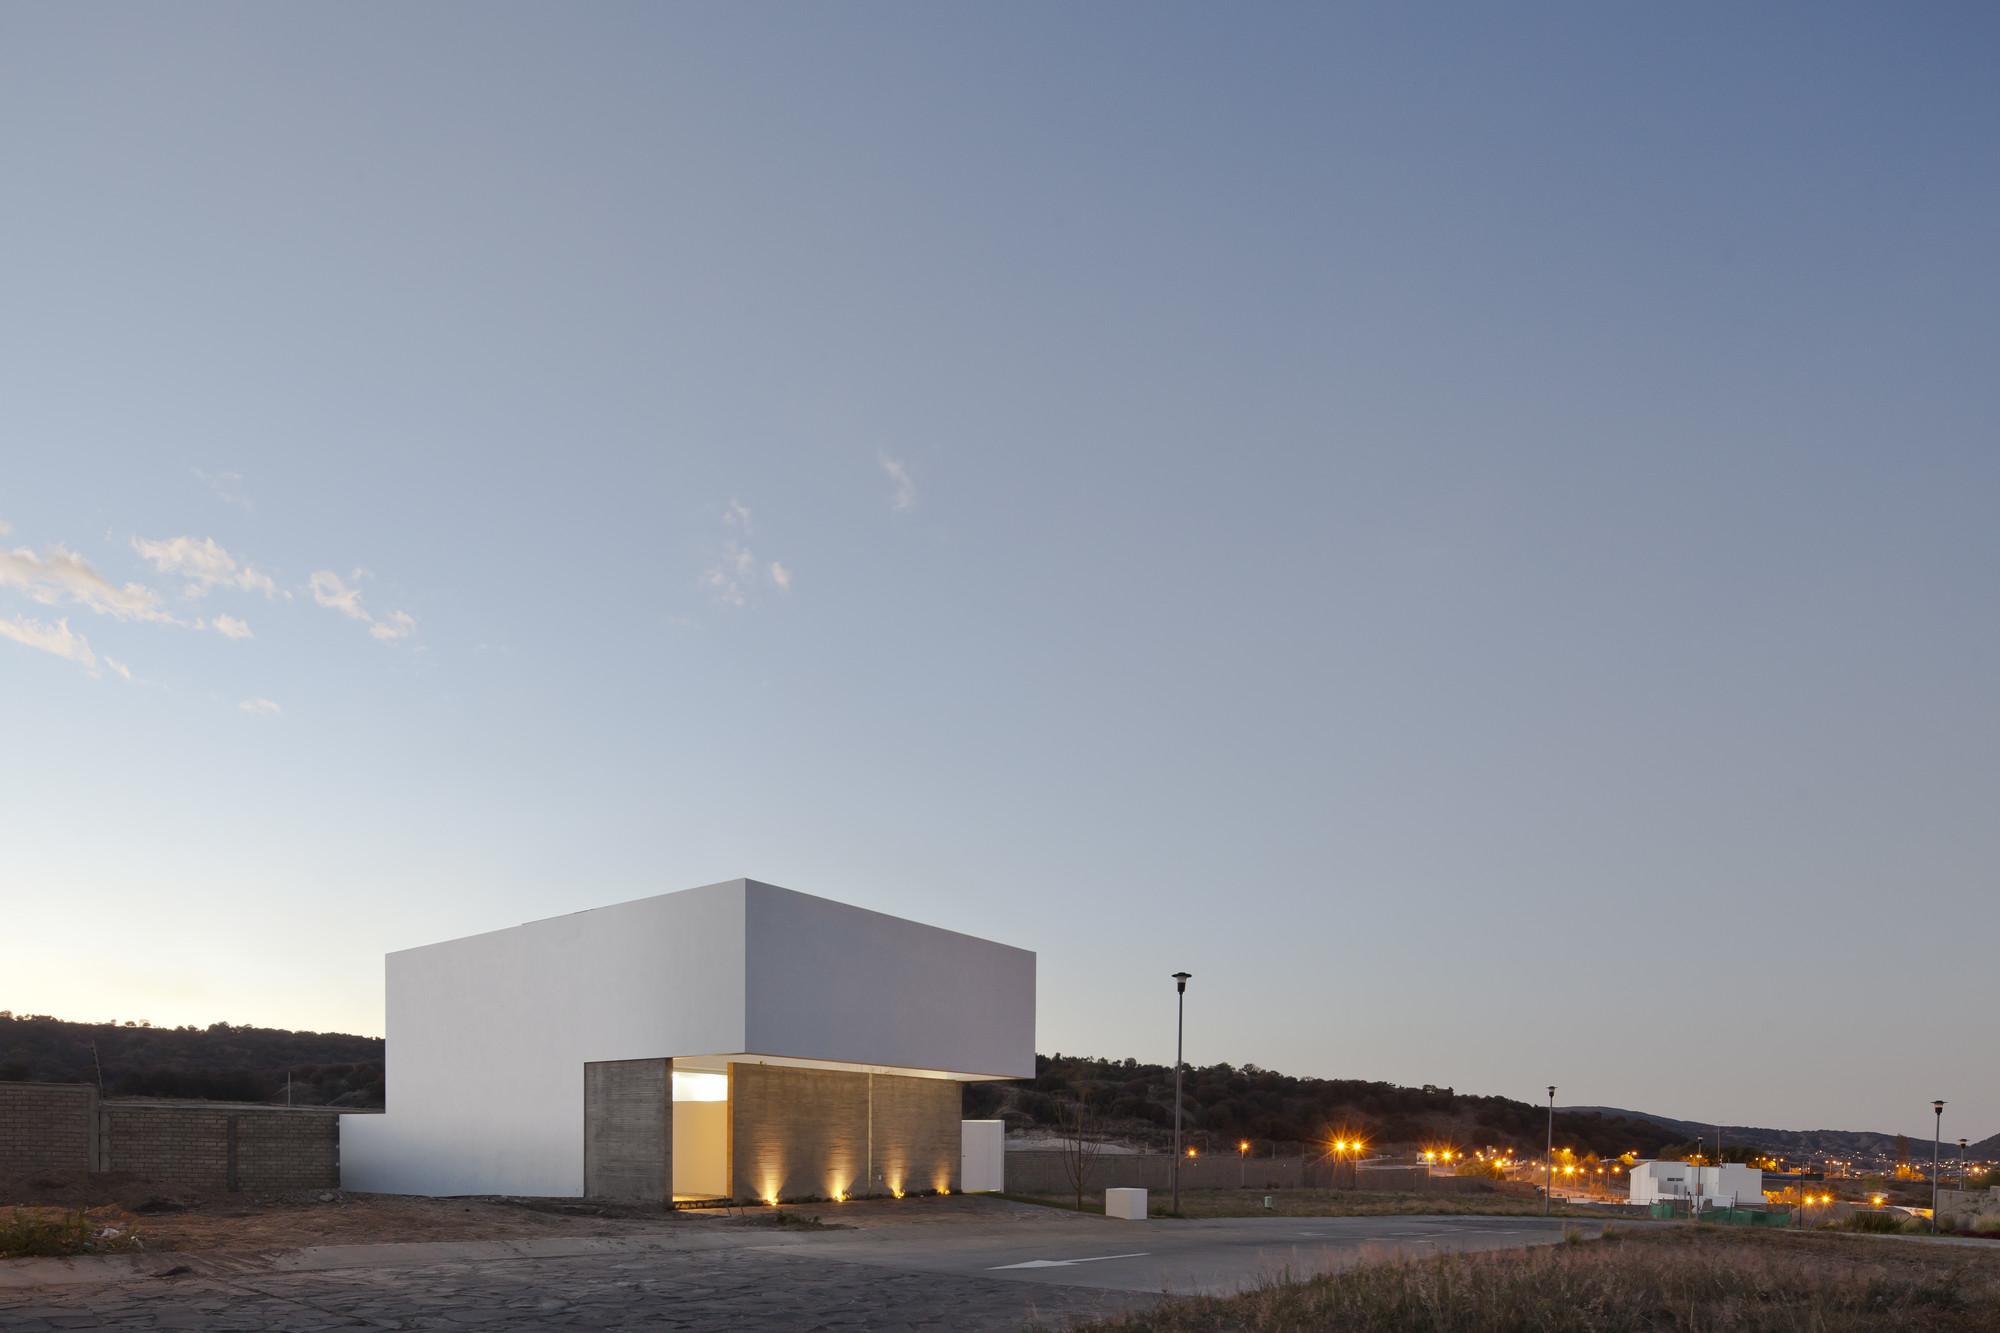 Residência para ver o céu/ Abraham Cota Paredes Arquitectos, © Onnis Luque